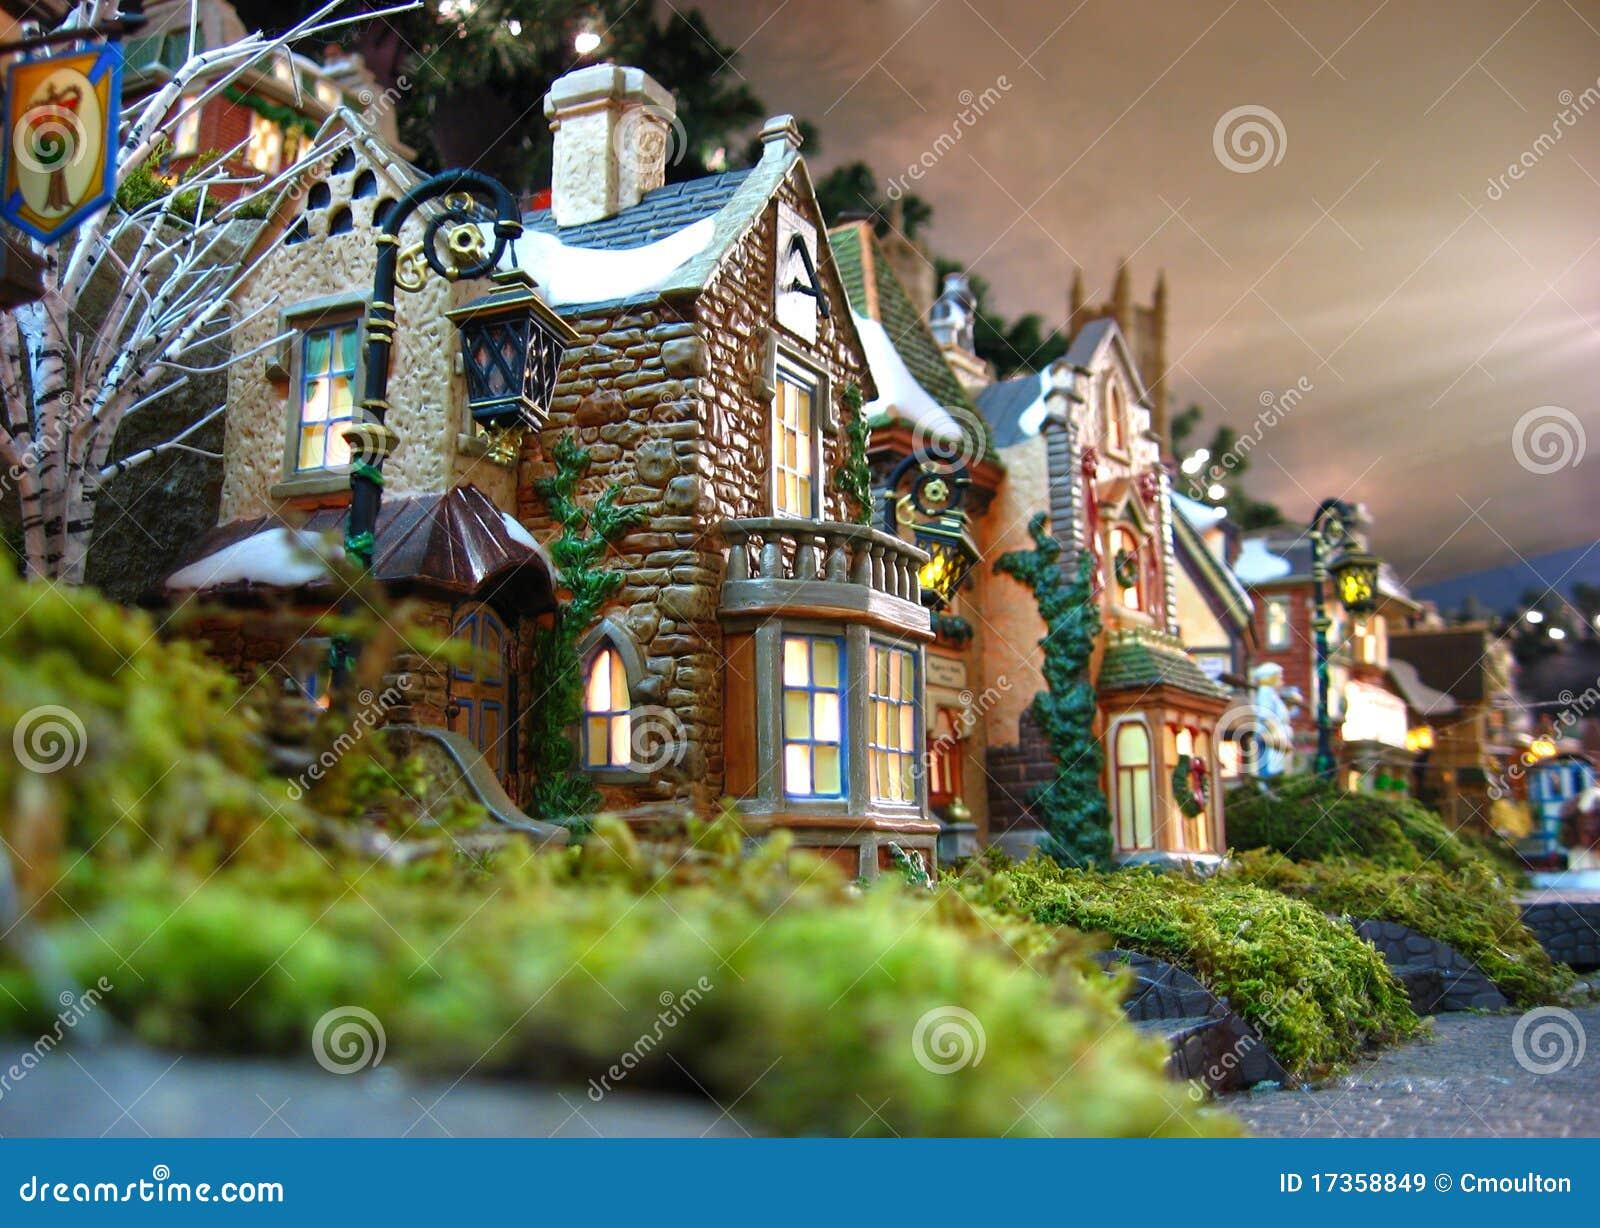 #789635 Décoration De Village De Noël Images Libres De Droits  6119 decoration de noel village animé 1300x1015 px @ aertt.com